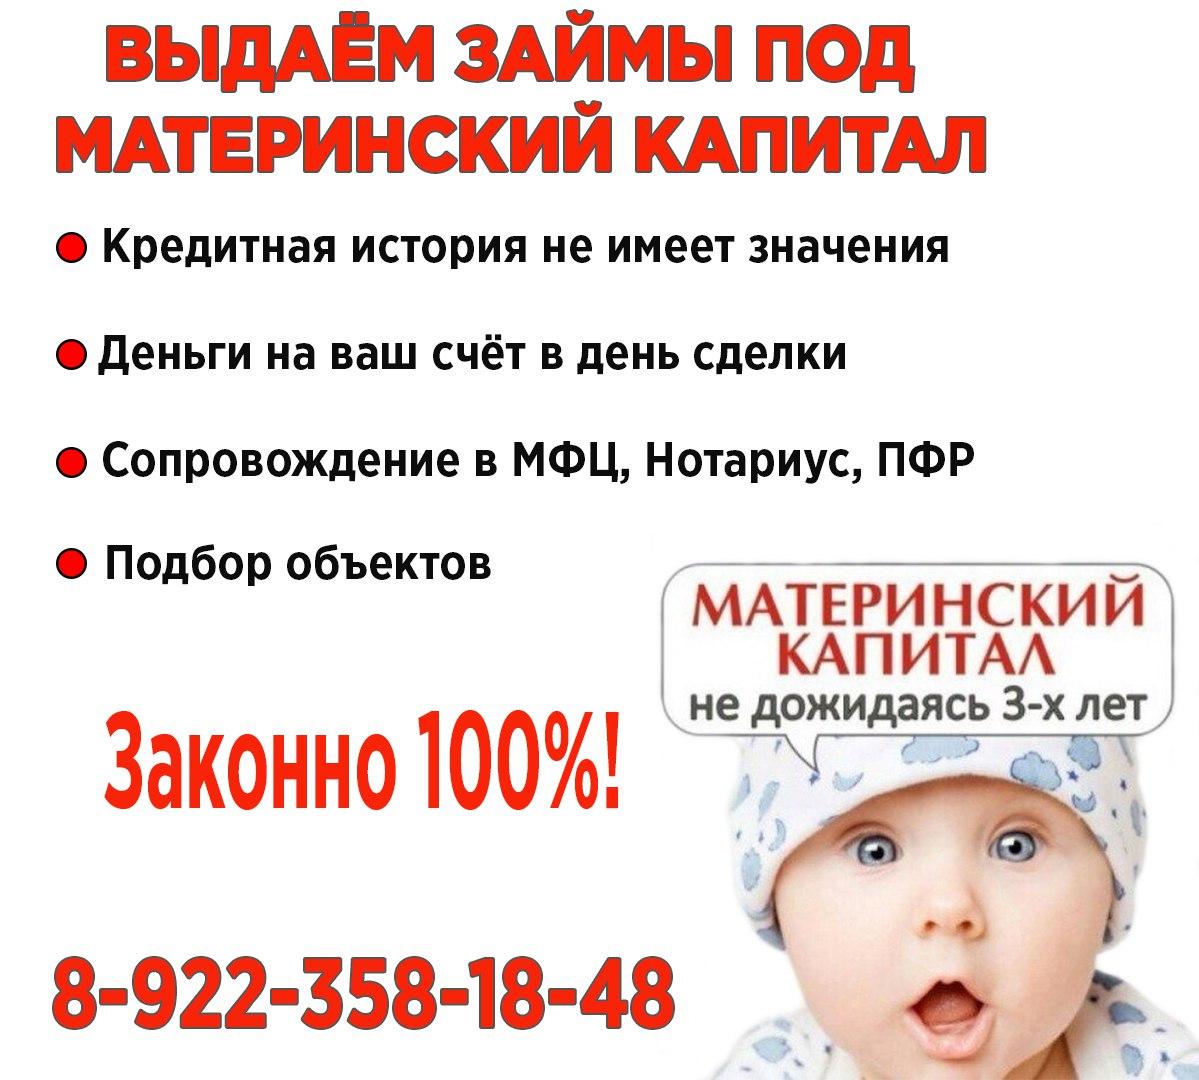 займ под материнский капитал нижний новгород наличными